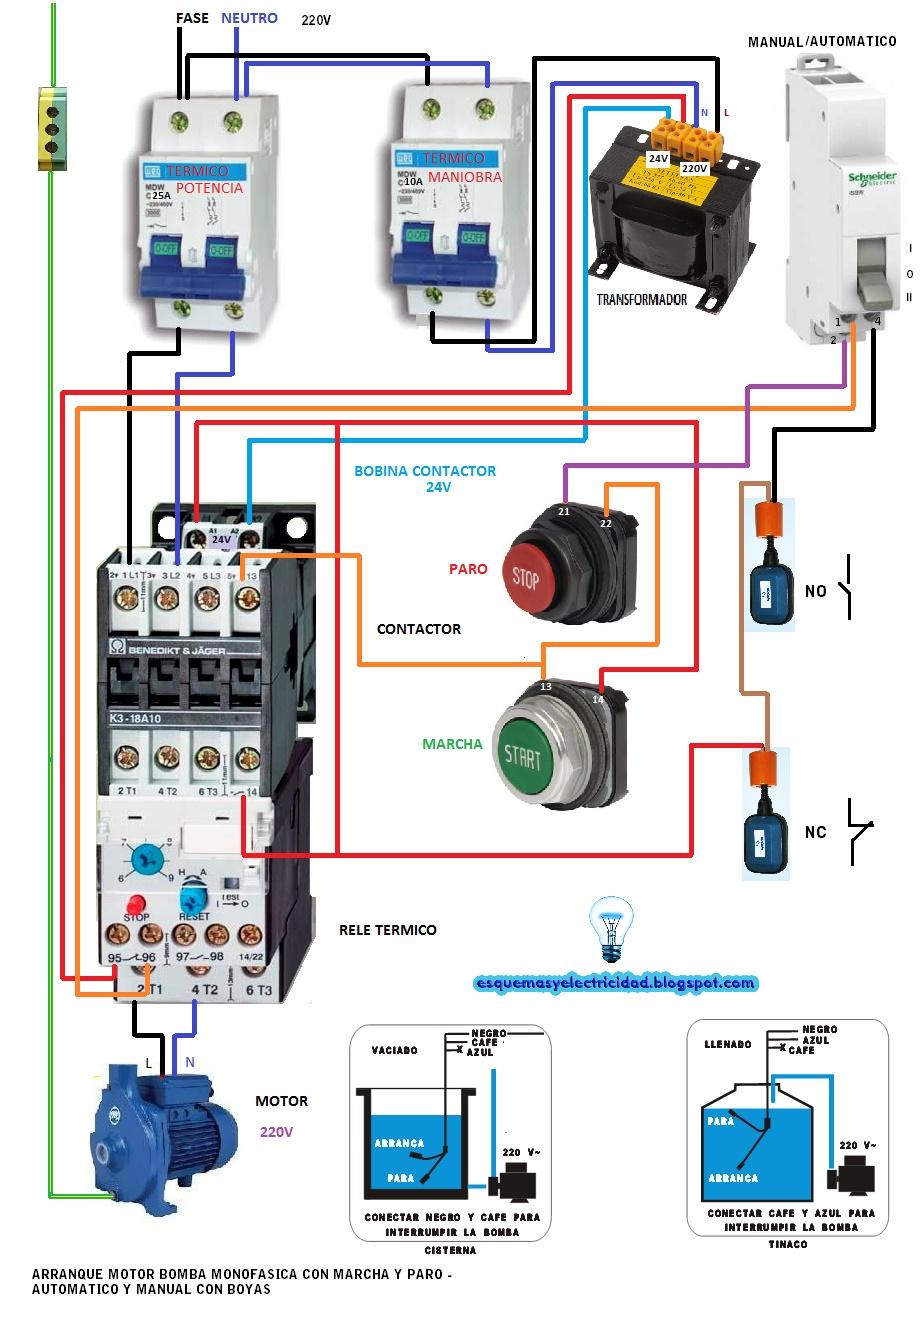 star delta control wiring diagram with timer of a car stereo solucionado: disyuntor - yoreparo